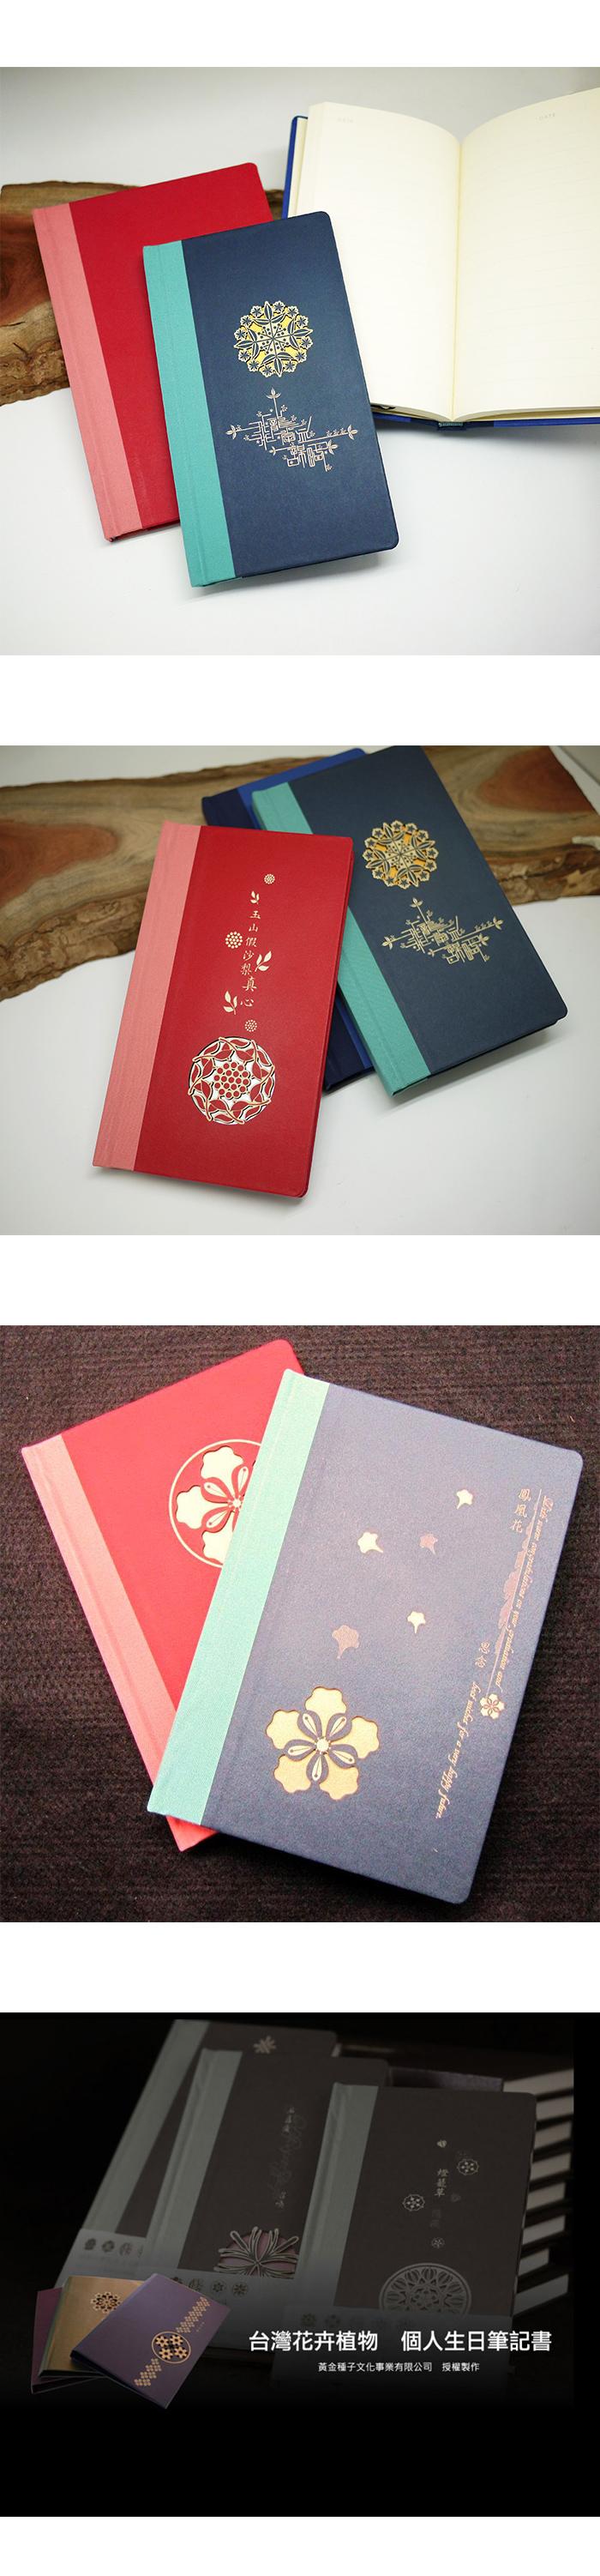 攸 UBook 可客製化 生日花禮物書 百代紅/灰 茂葉 (價格包含5字內雷雕費用)